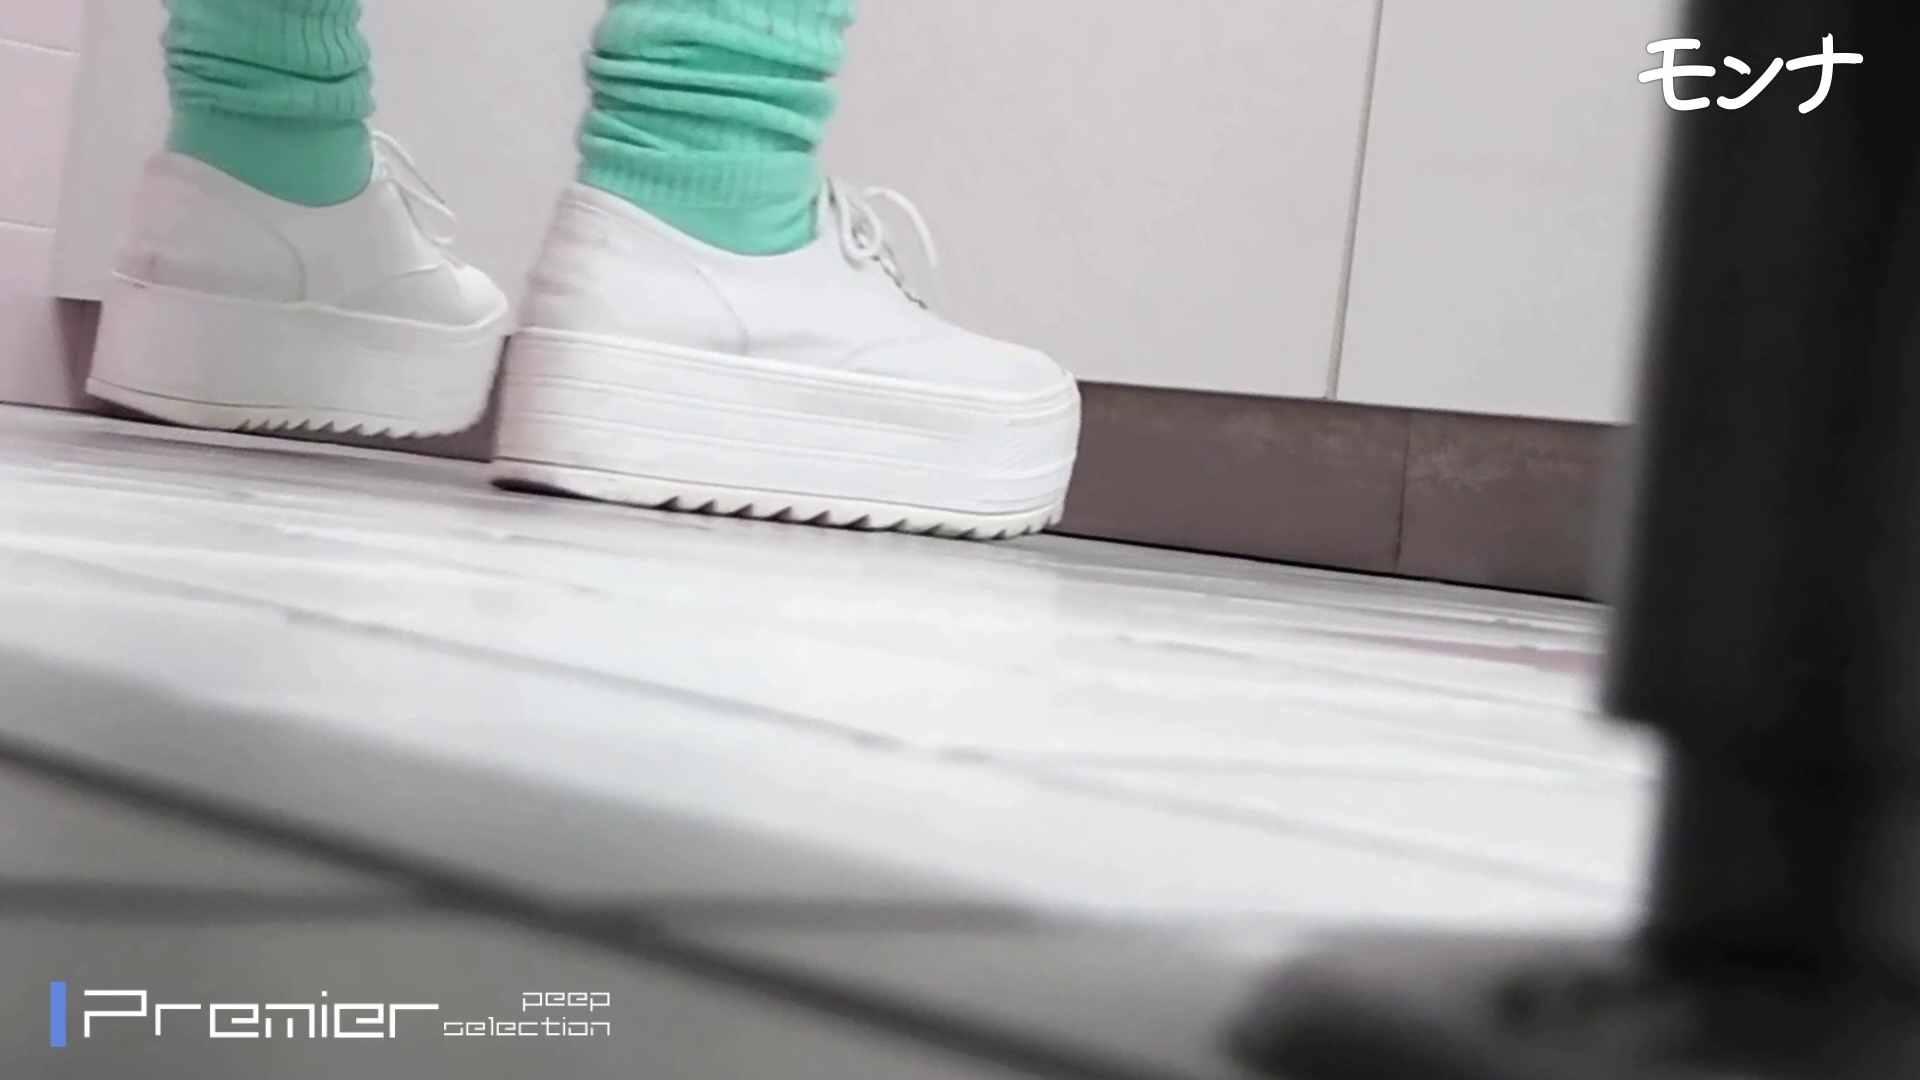 CM 悶絶シリーズ5 【美しい日本の未来 No.128】 おまんこ無修正 | ギャル・コレクション  48連発 7